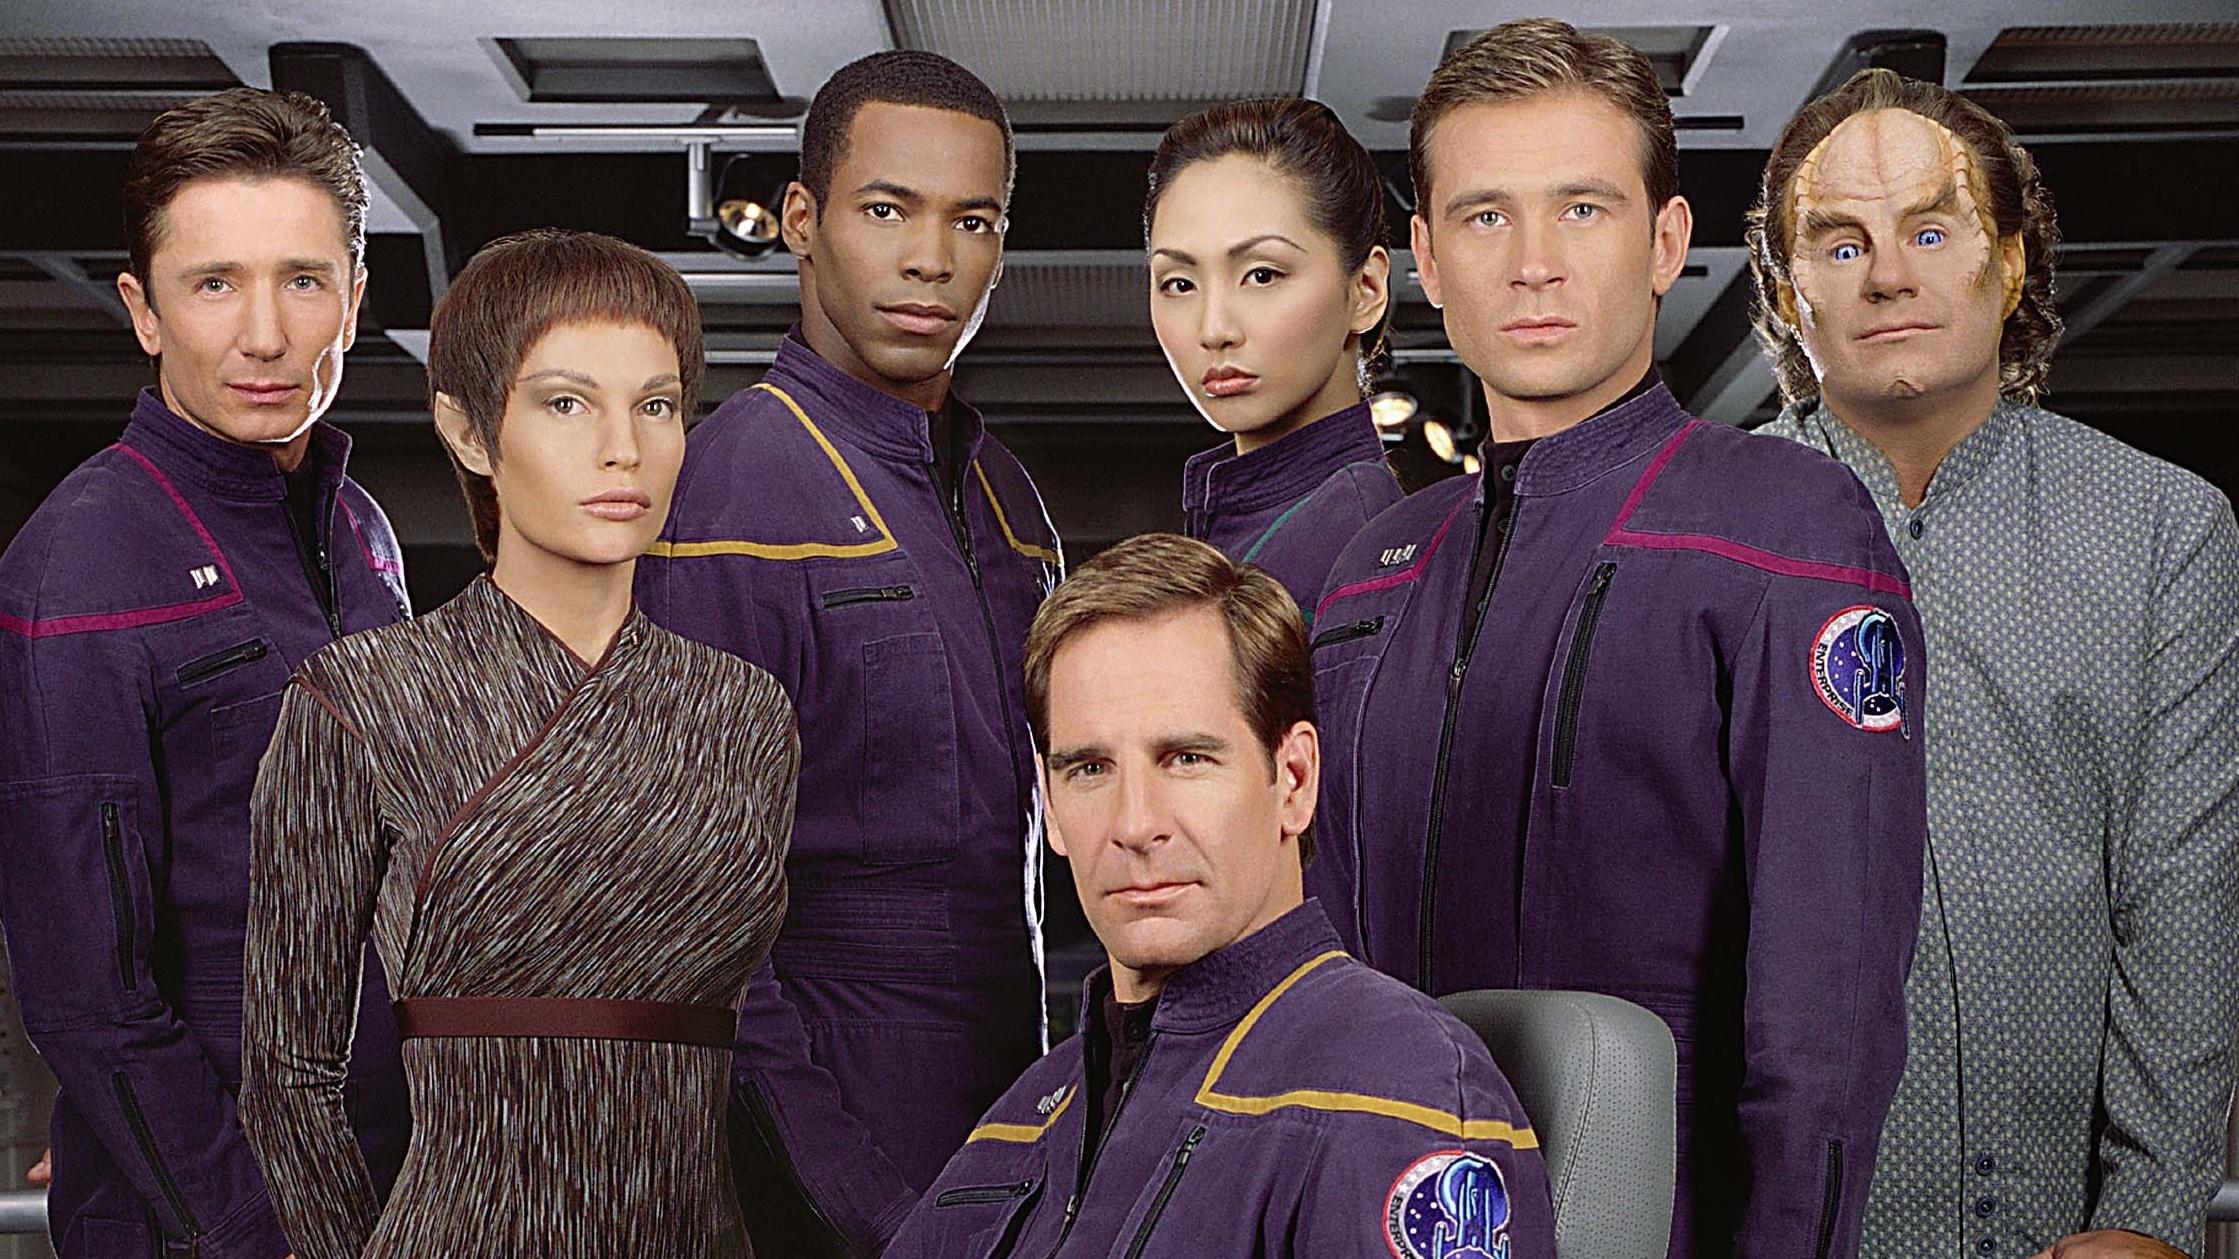 Star Trek: Enterprise Had Faith of the Heart